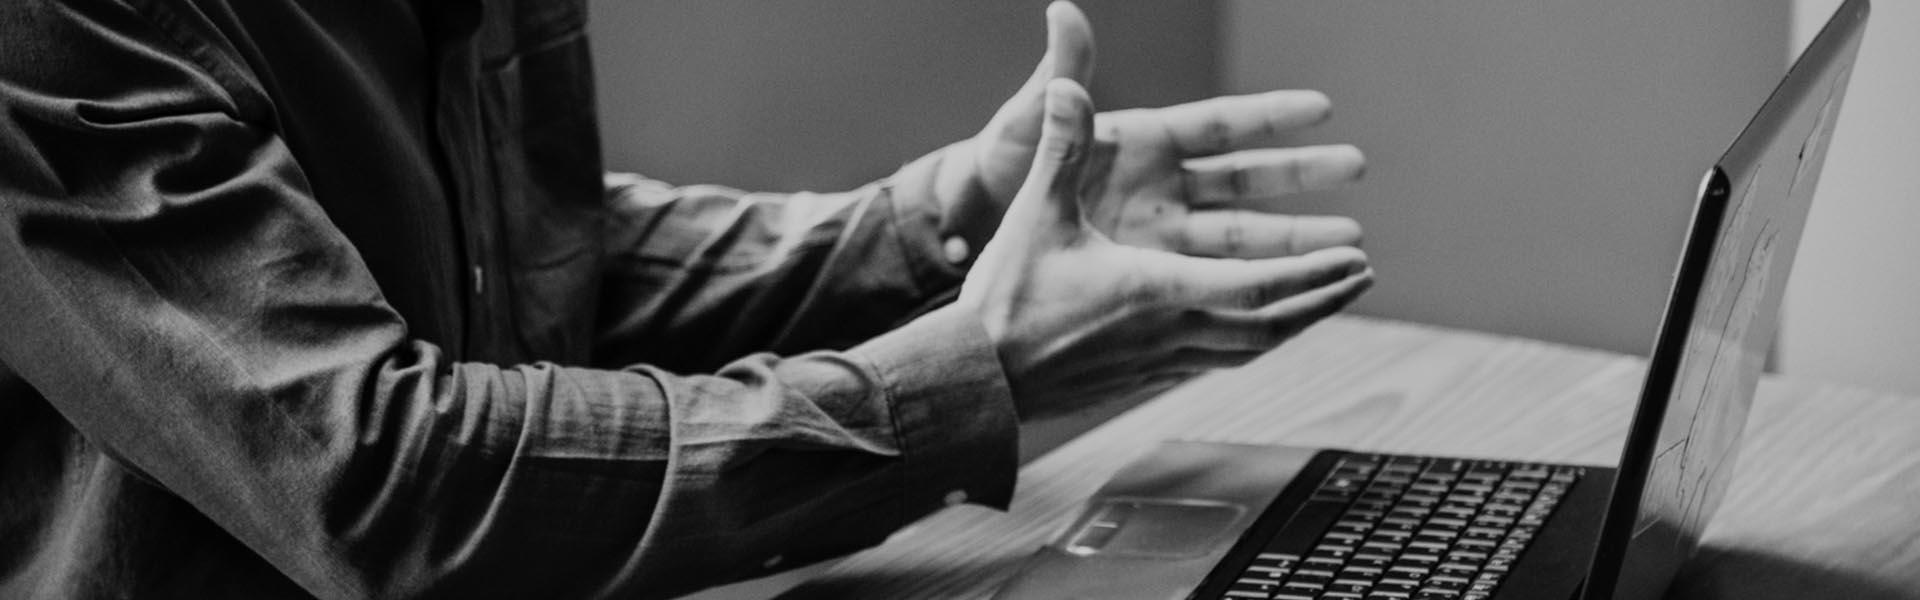 Mãos de homem com um software de gestão no computador portátil